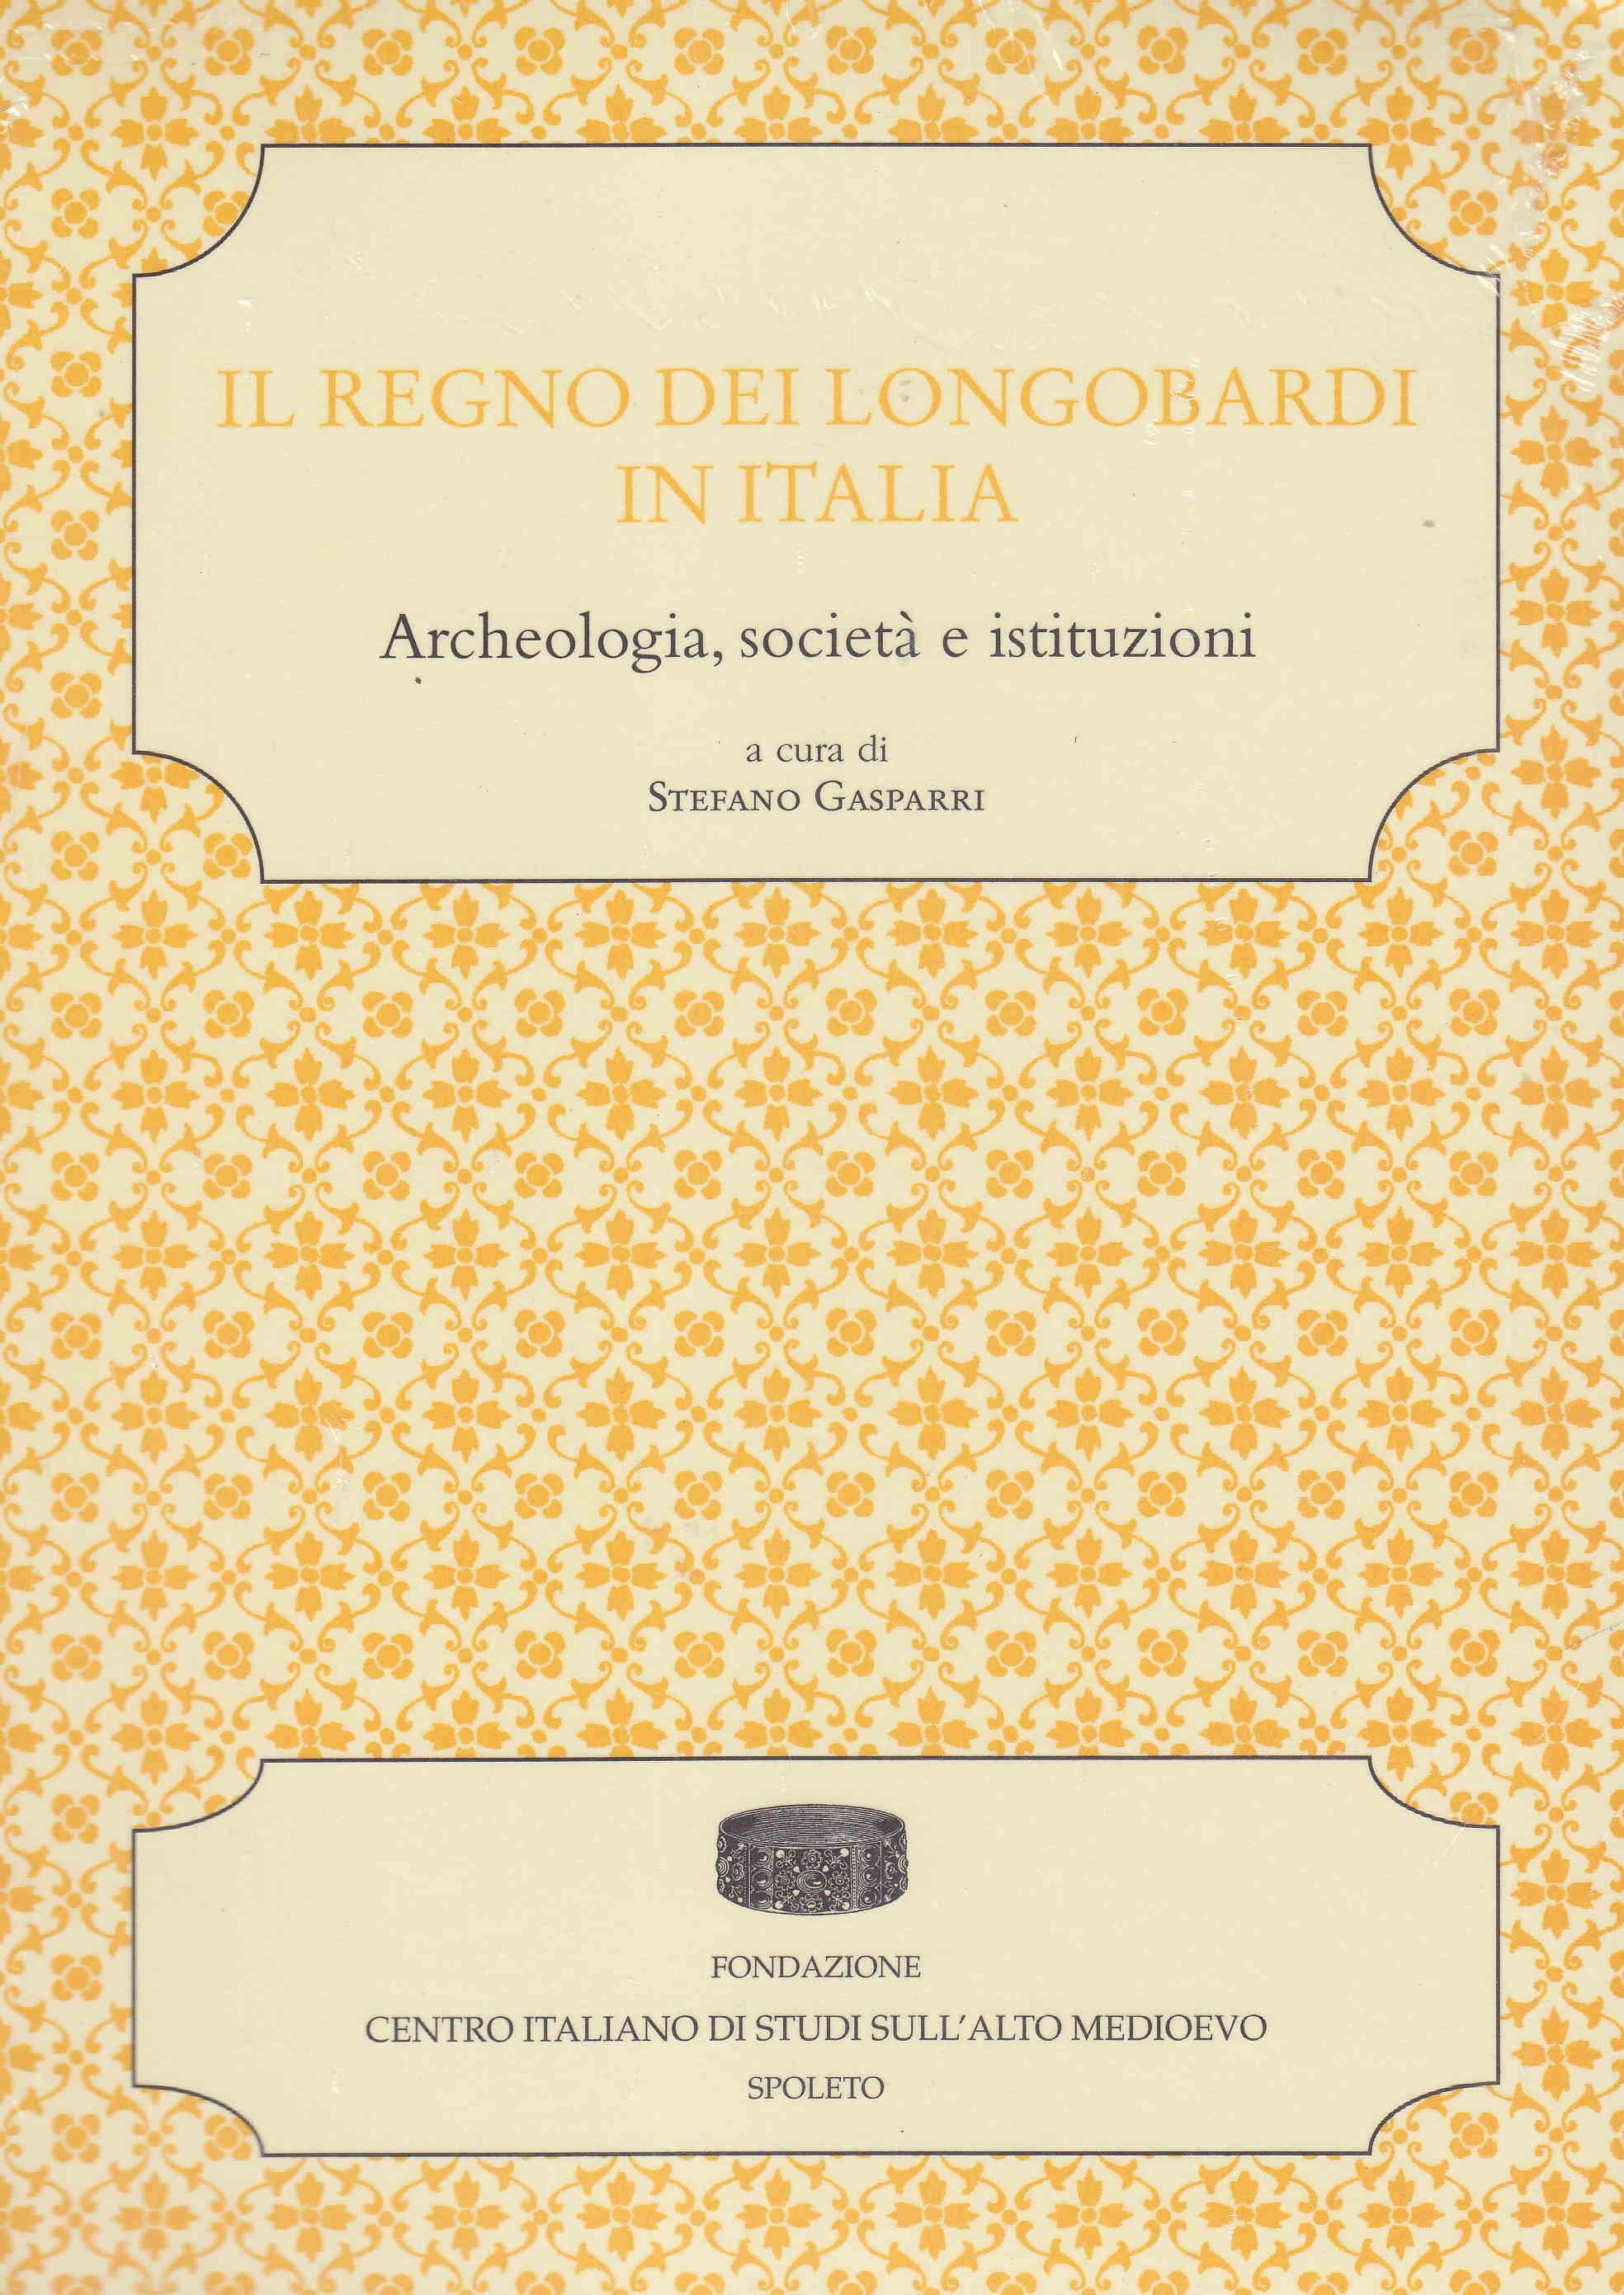 Il regno dei longobardi in Italia. Archeologia, società e istituzioni